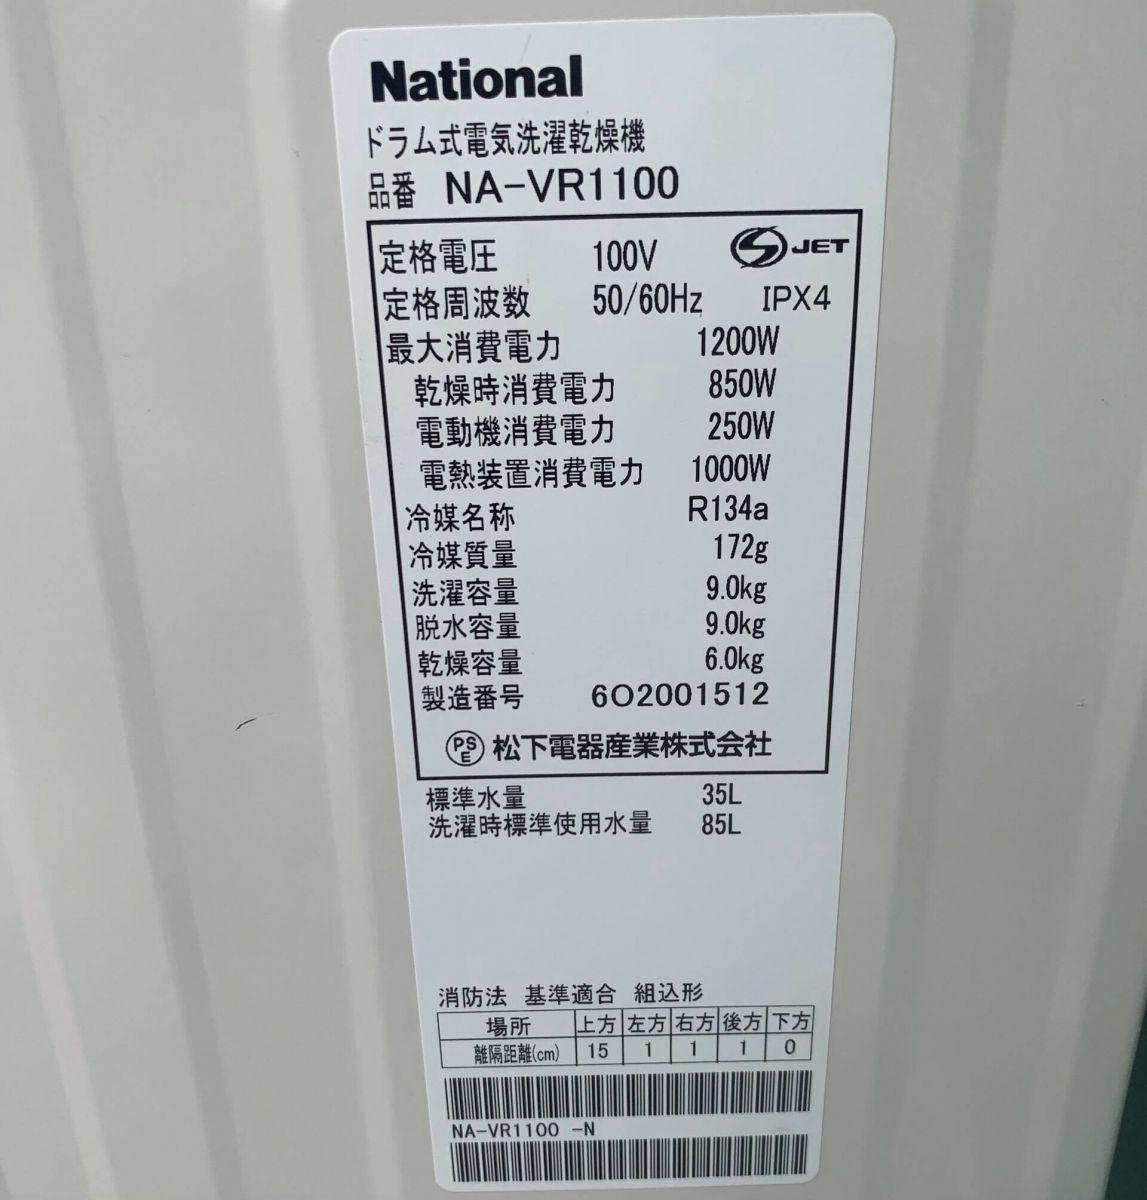 Máy giặt cũ nội địa National Na-Vr1100